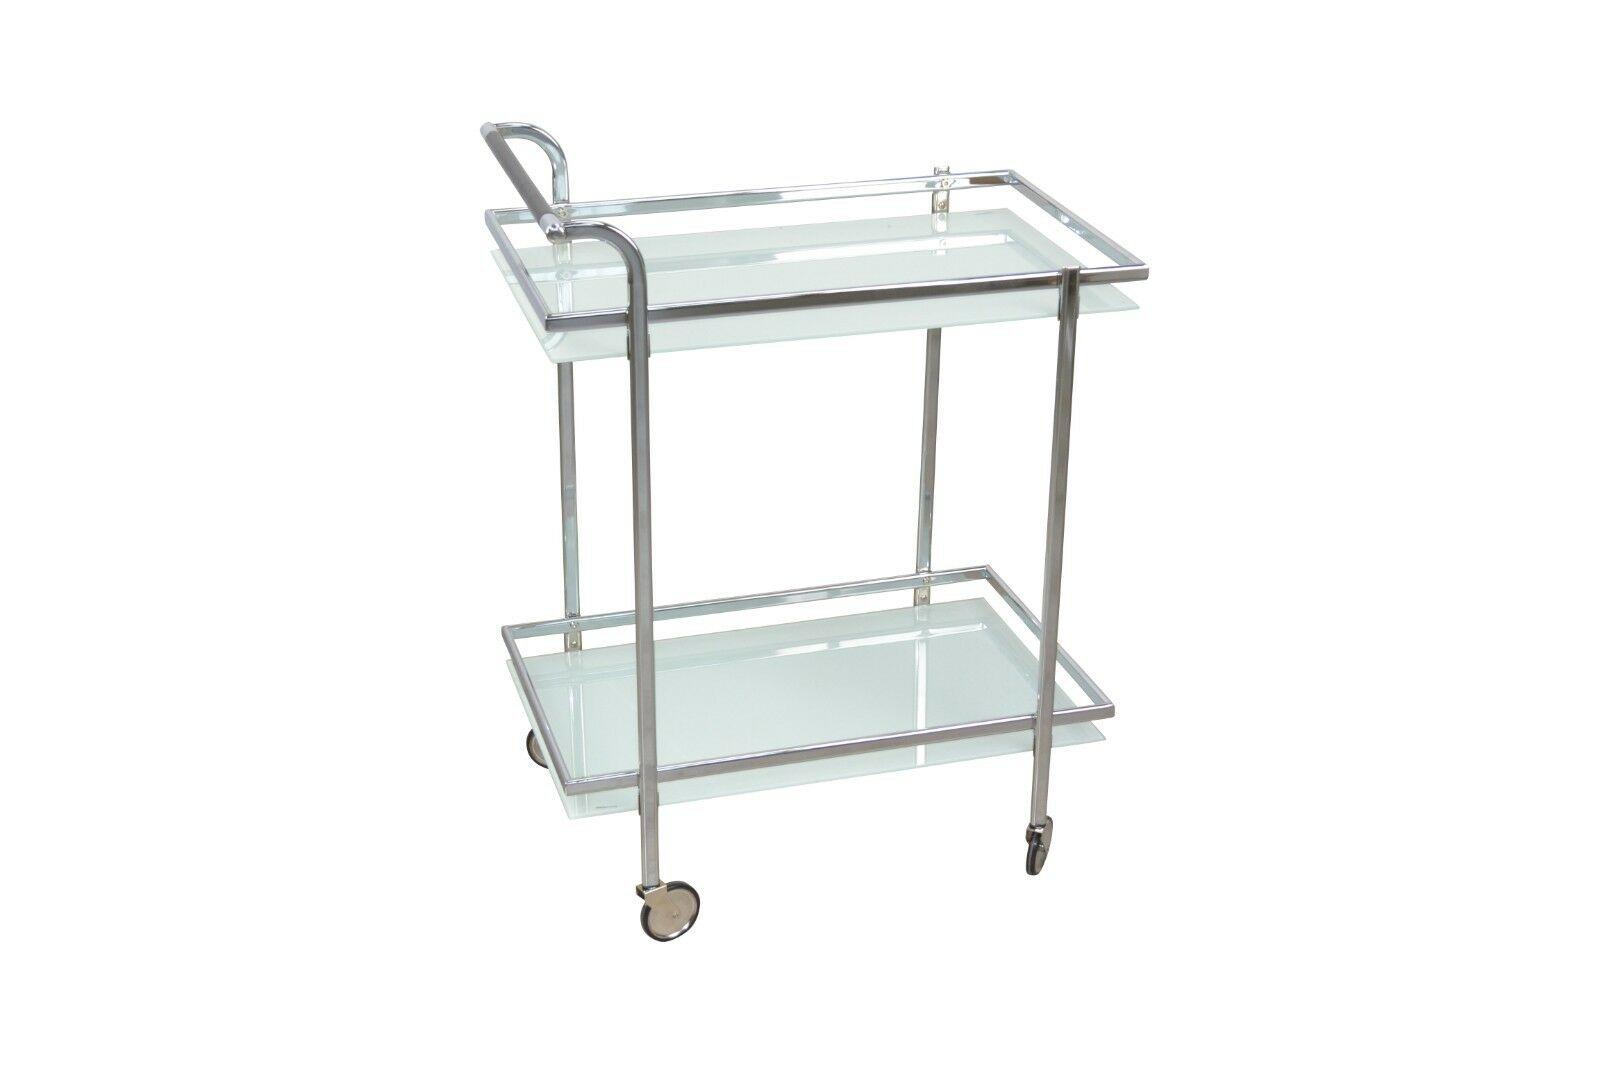 Bezaubernd Küche Beistelltisch Galerie Von Servierwagen Glas Chrom Küche Getränkewagen Rollbar Modern